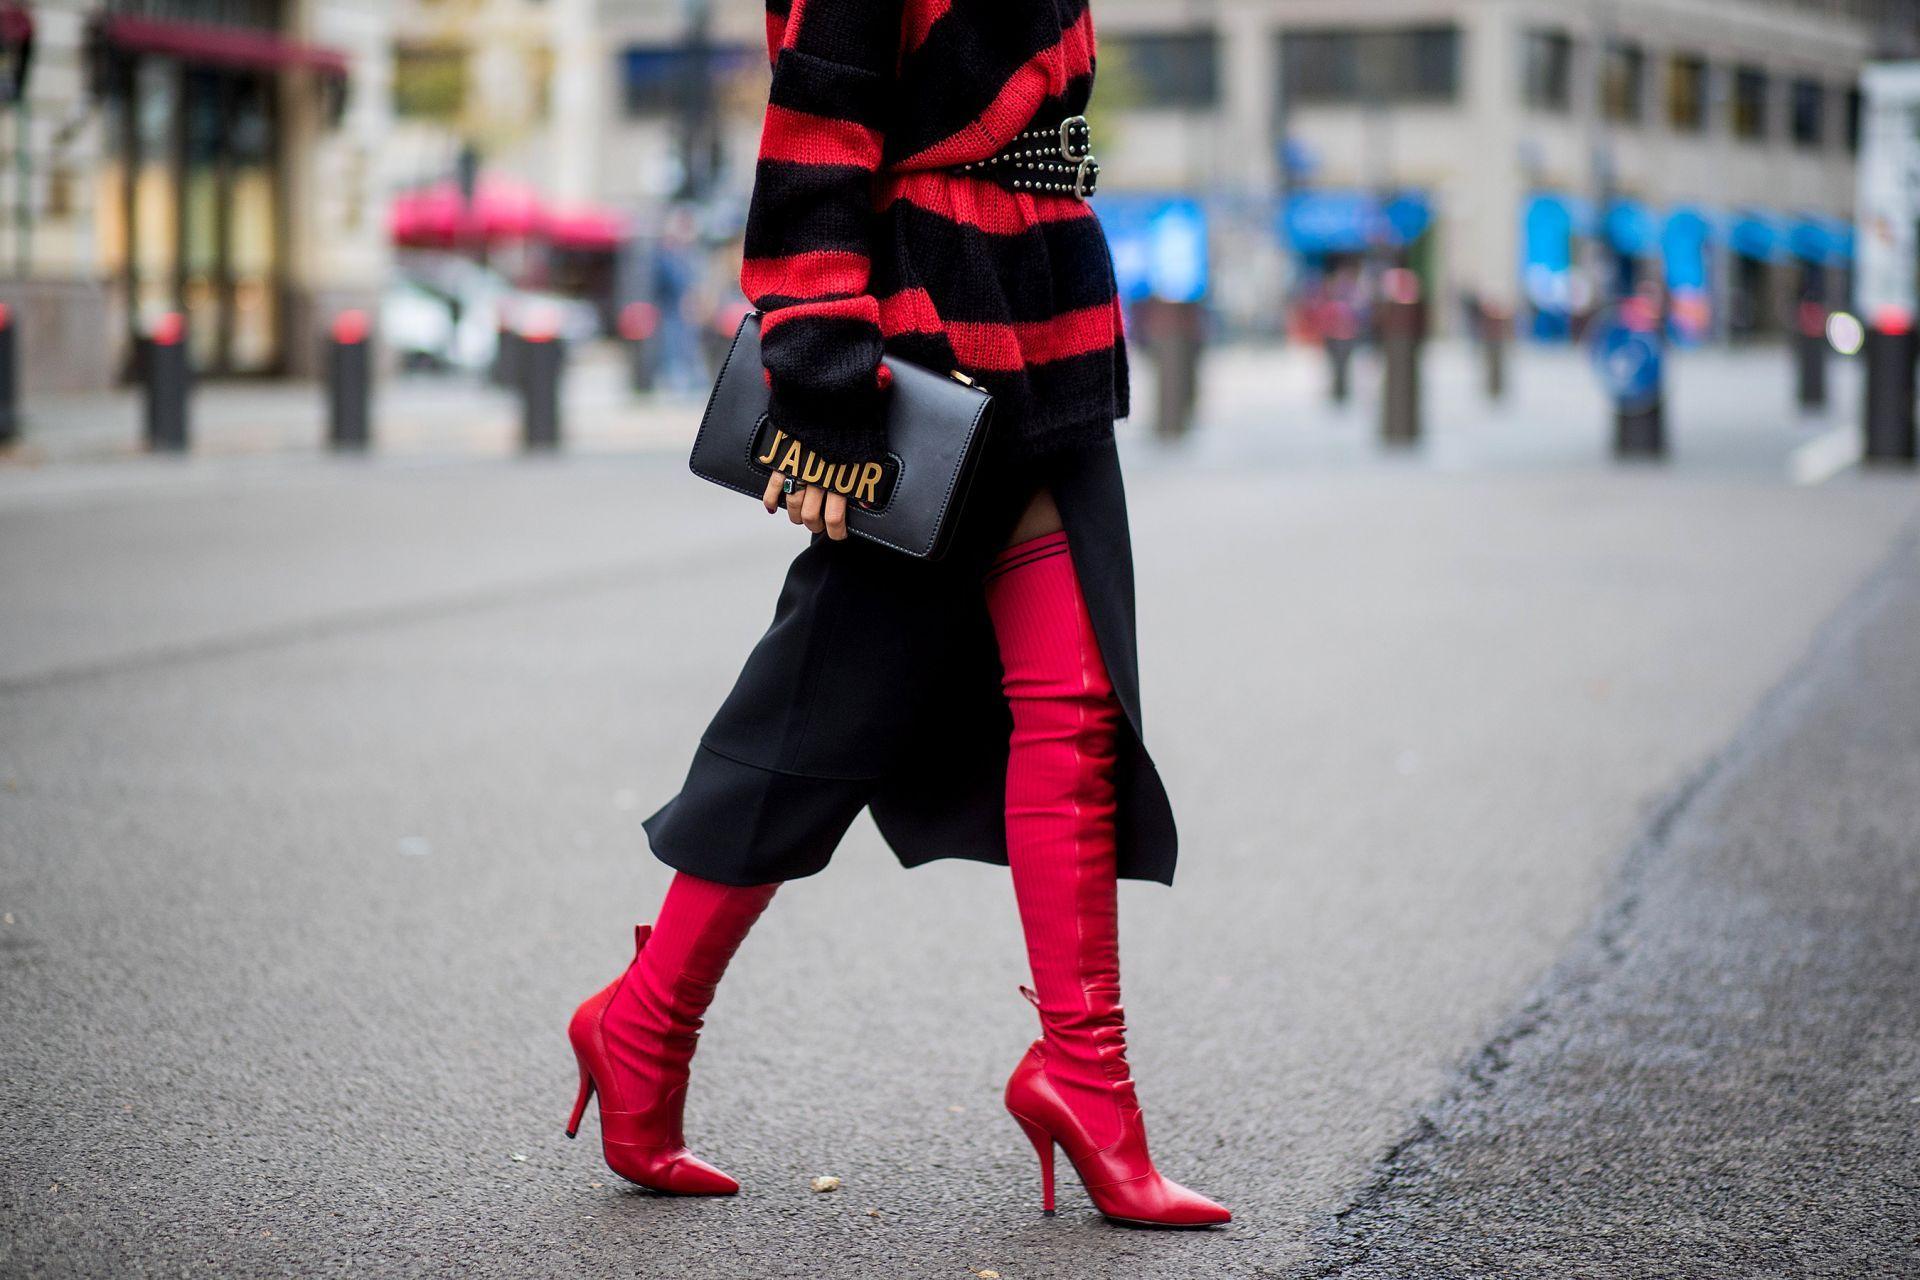 Miryam Labiad vistiendo un jersey de punto Faith Connexion a rayas negras rojas, una falda Chloe, un cinturón Rodarte negro, un bolso de mano Dior y botas sobrepuestas Fendi rojas.